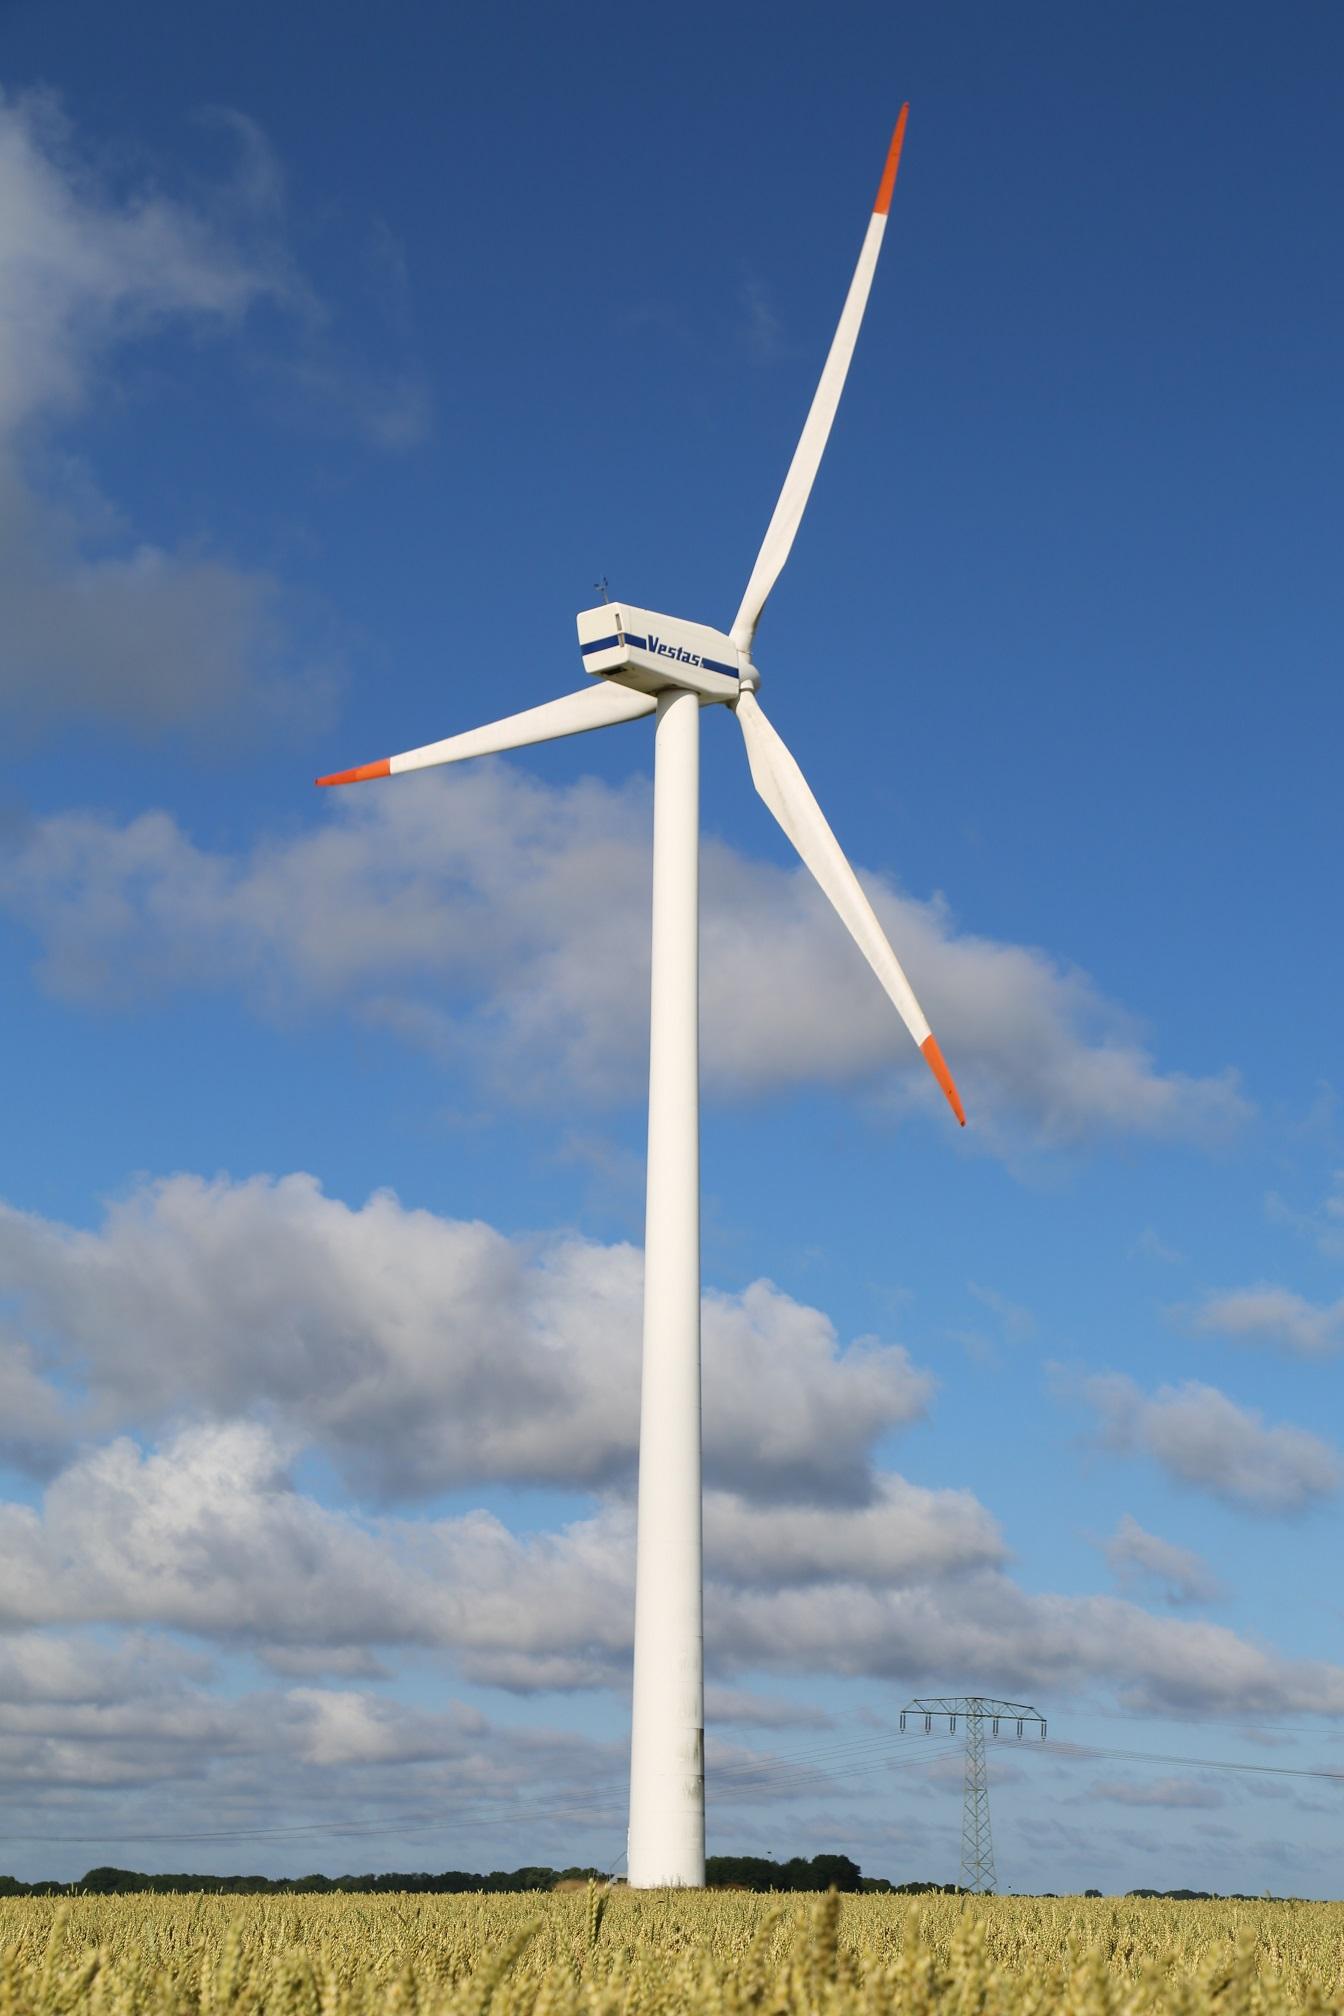 Wind Turbine System : Vestas v mw wind turbine